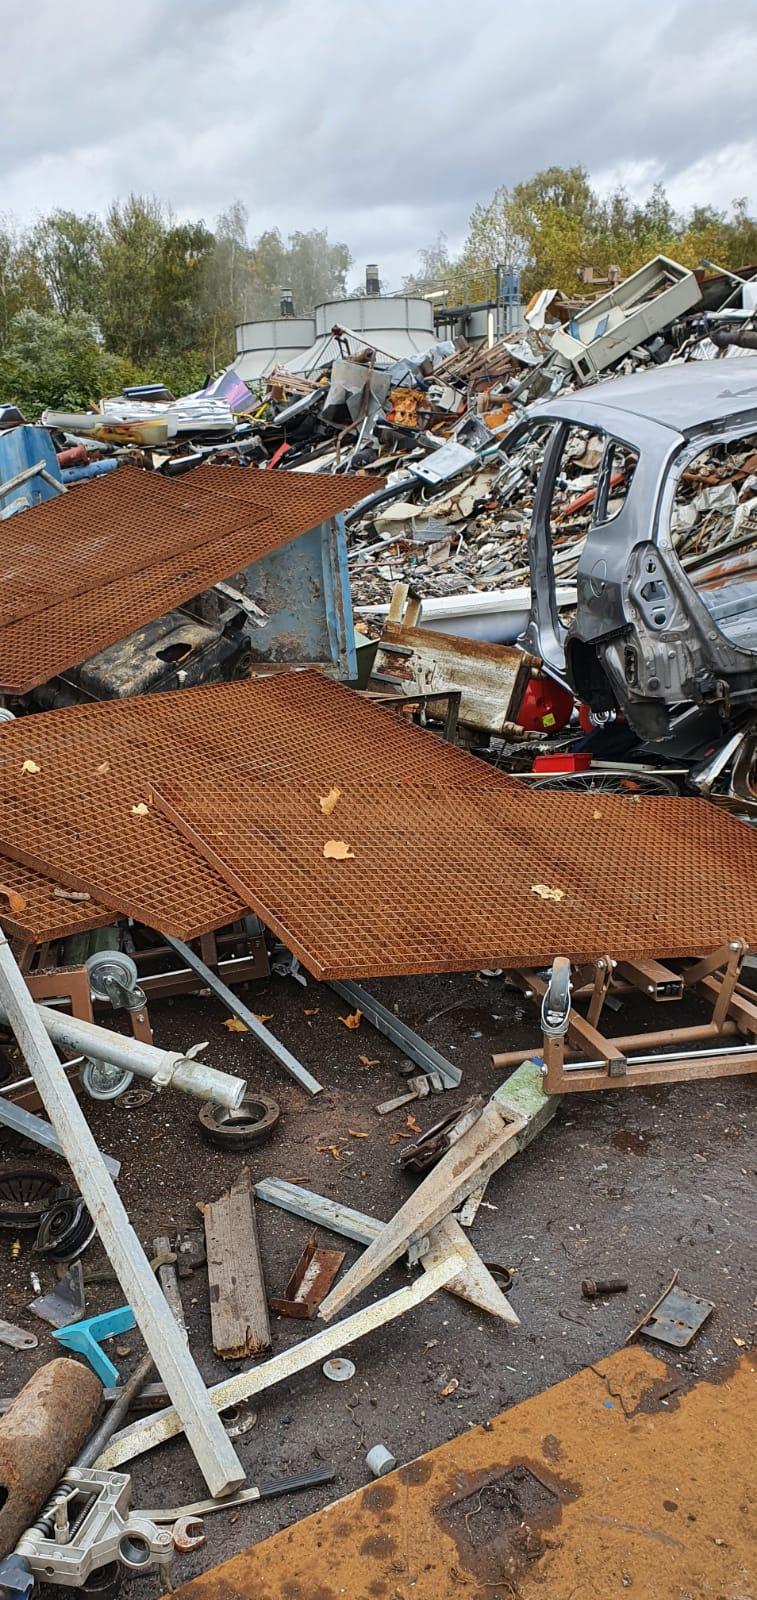 Schrottabholung in Minden: Rohstoff Metall wiederverwertbar entsorgen